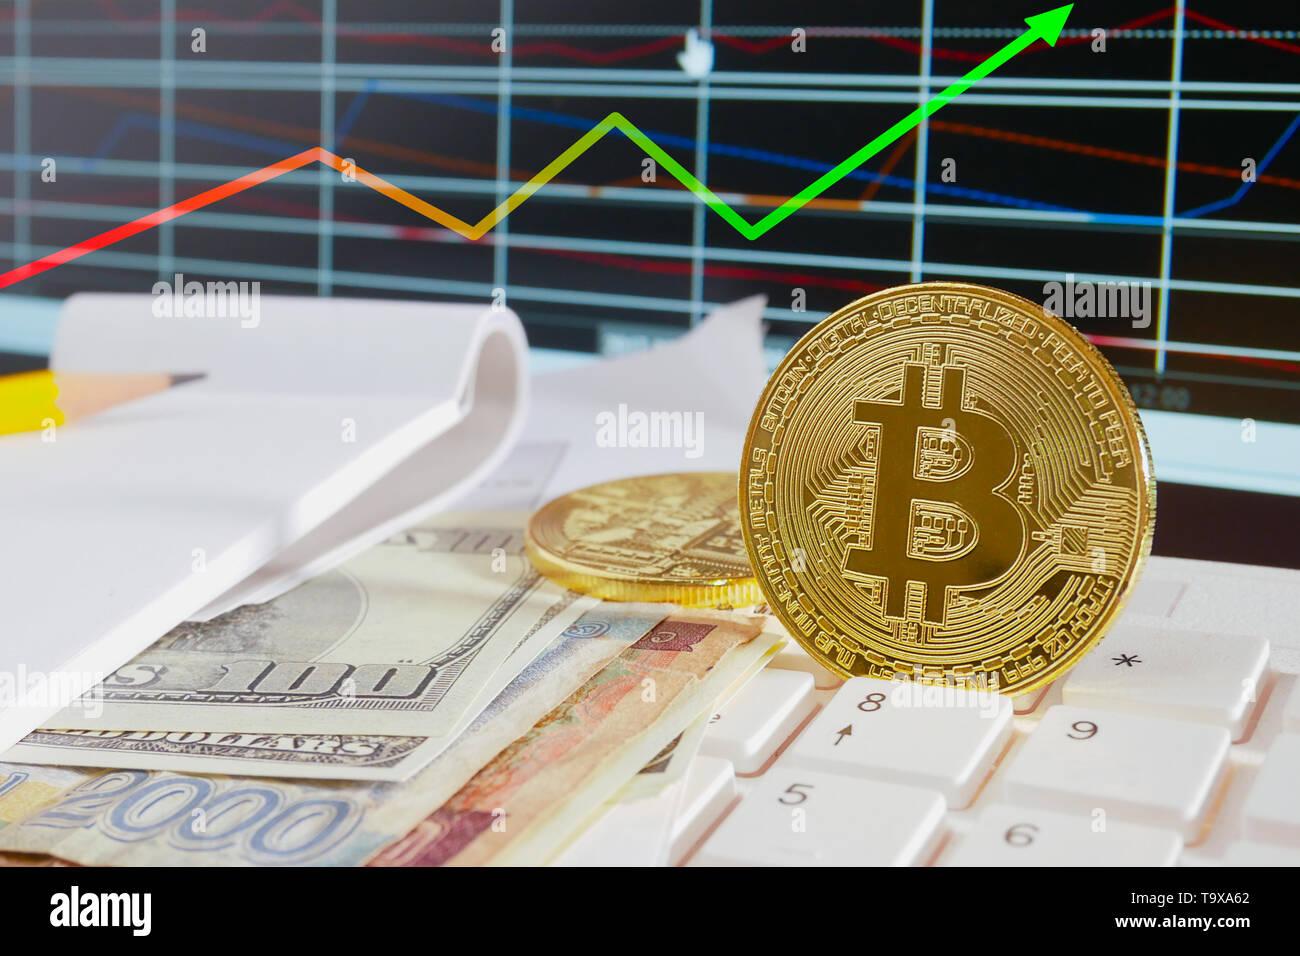 Real Bitcoin Coin Stock Photos & Real Bitcoin Coin Stock Images - Alamy